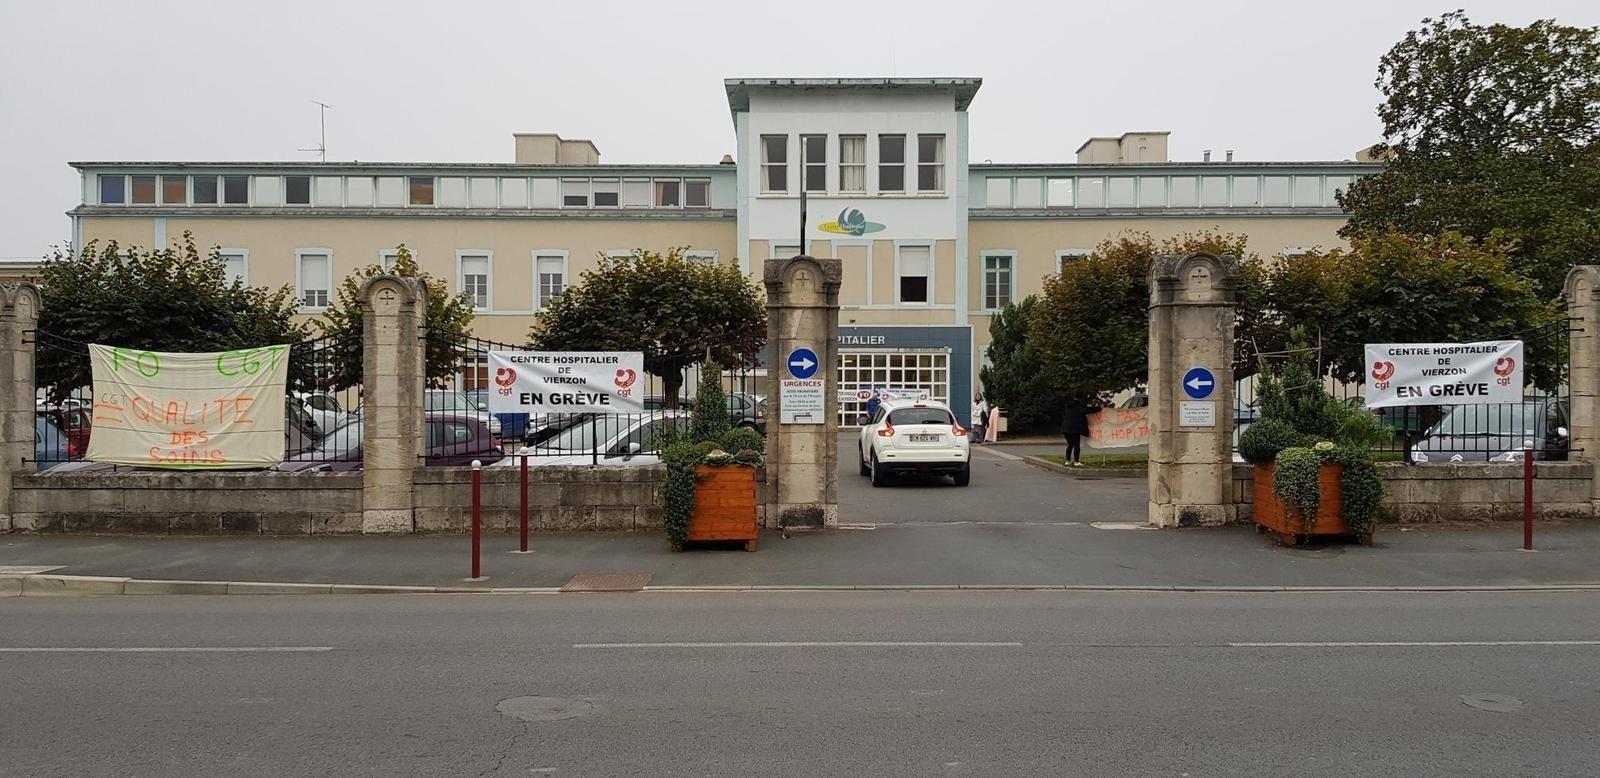 450.000 euros de plus pour l'hôpital de Vierzon